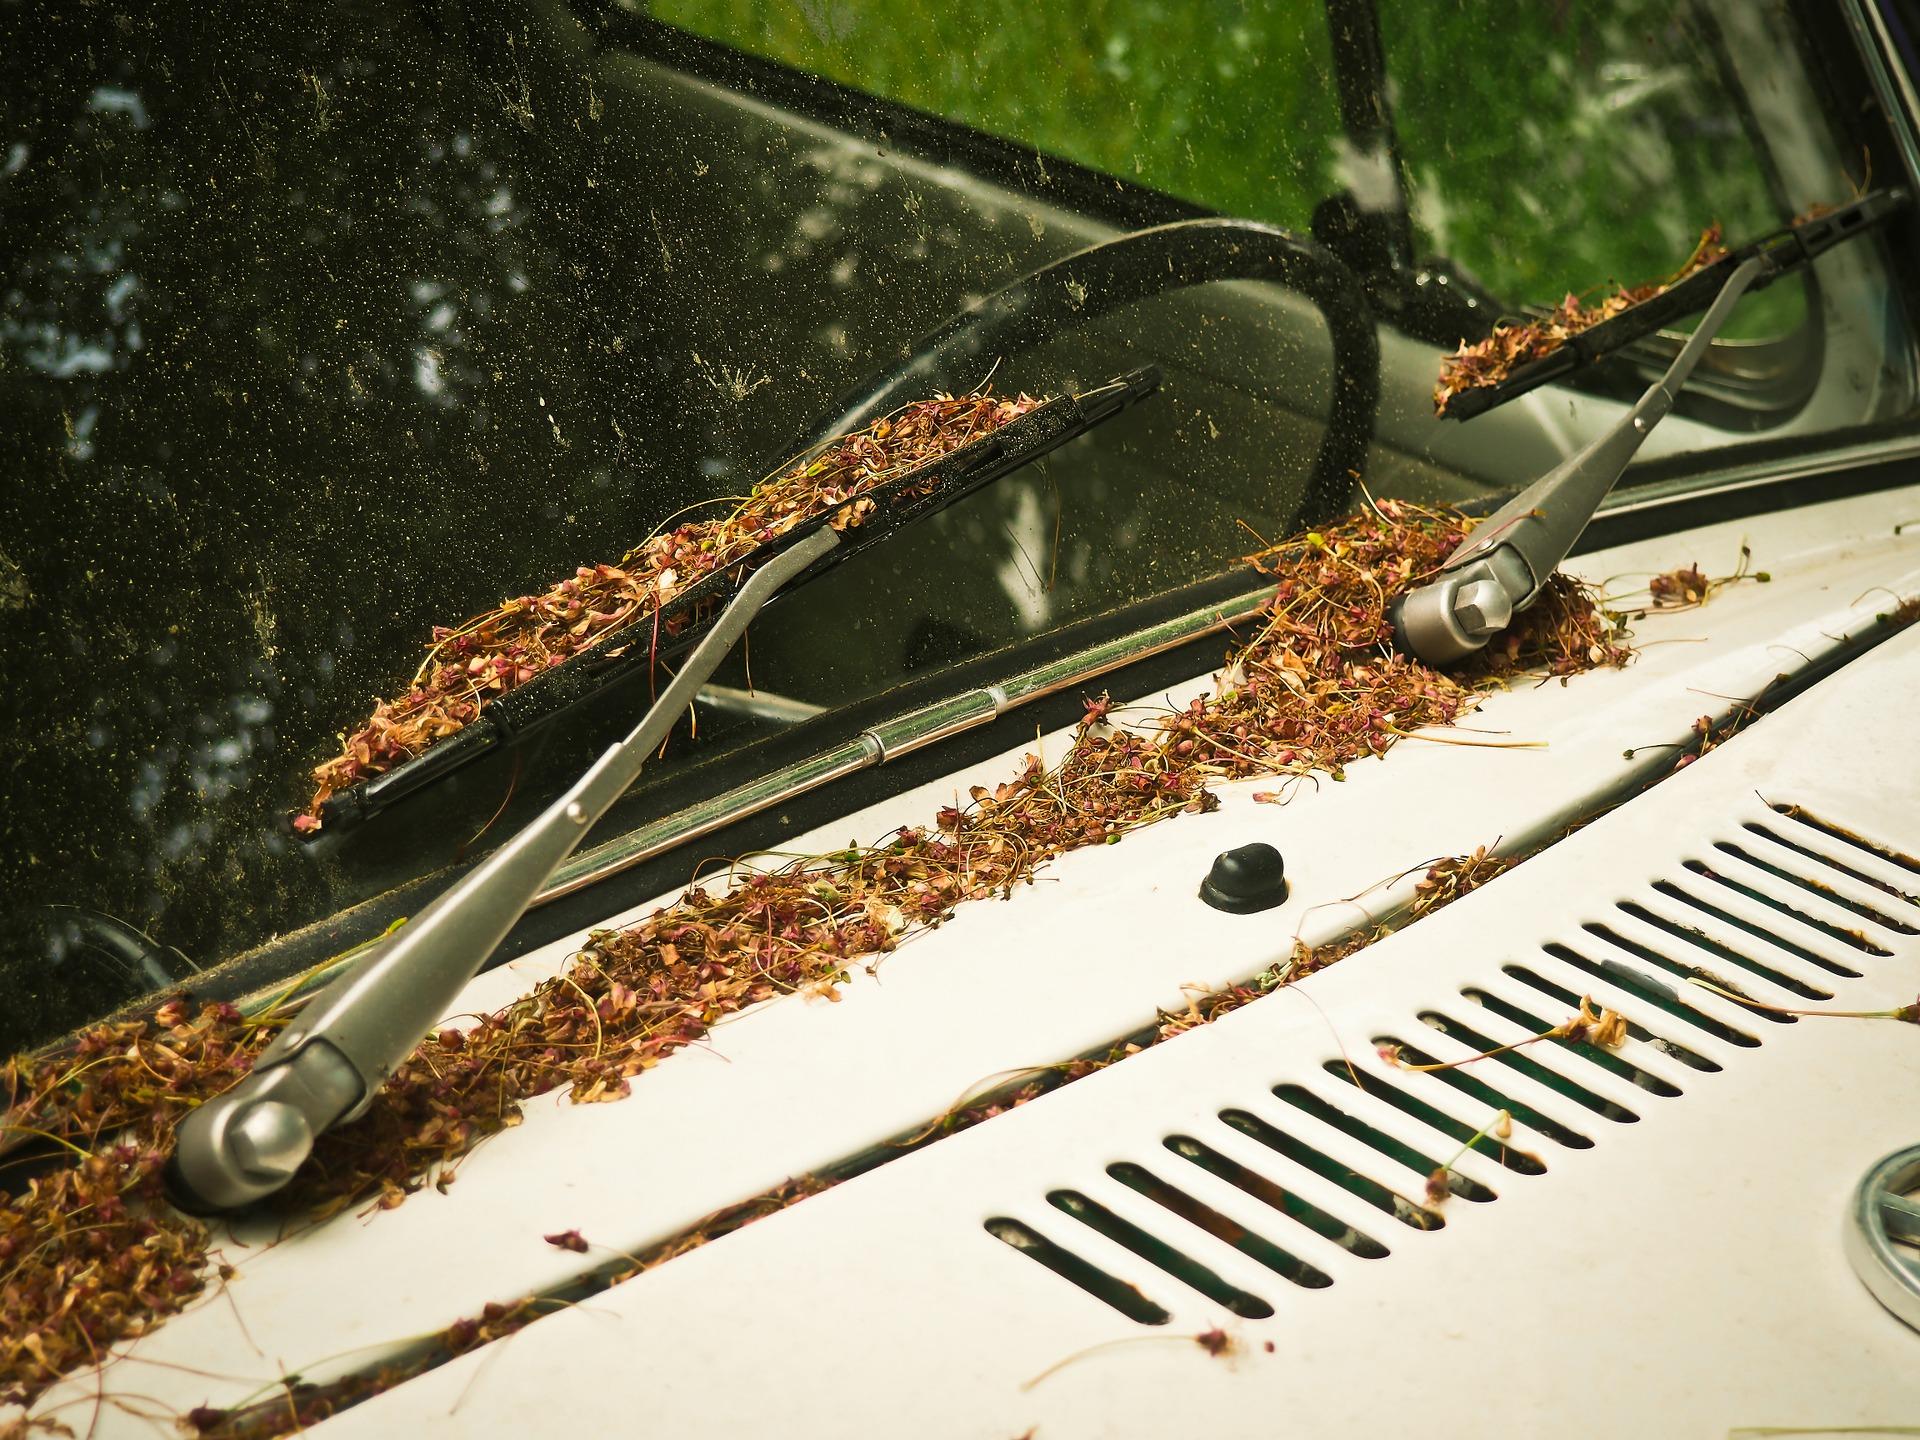 Limpieza del parabrisas del coche - Autolavado Entenza